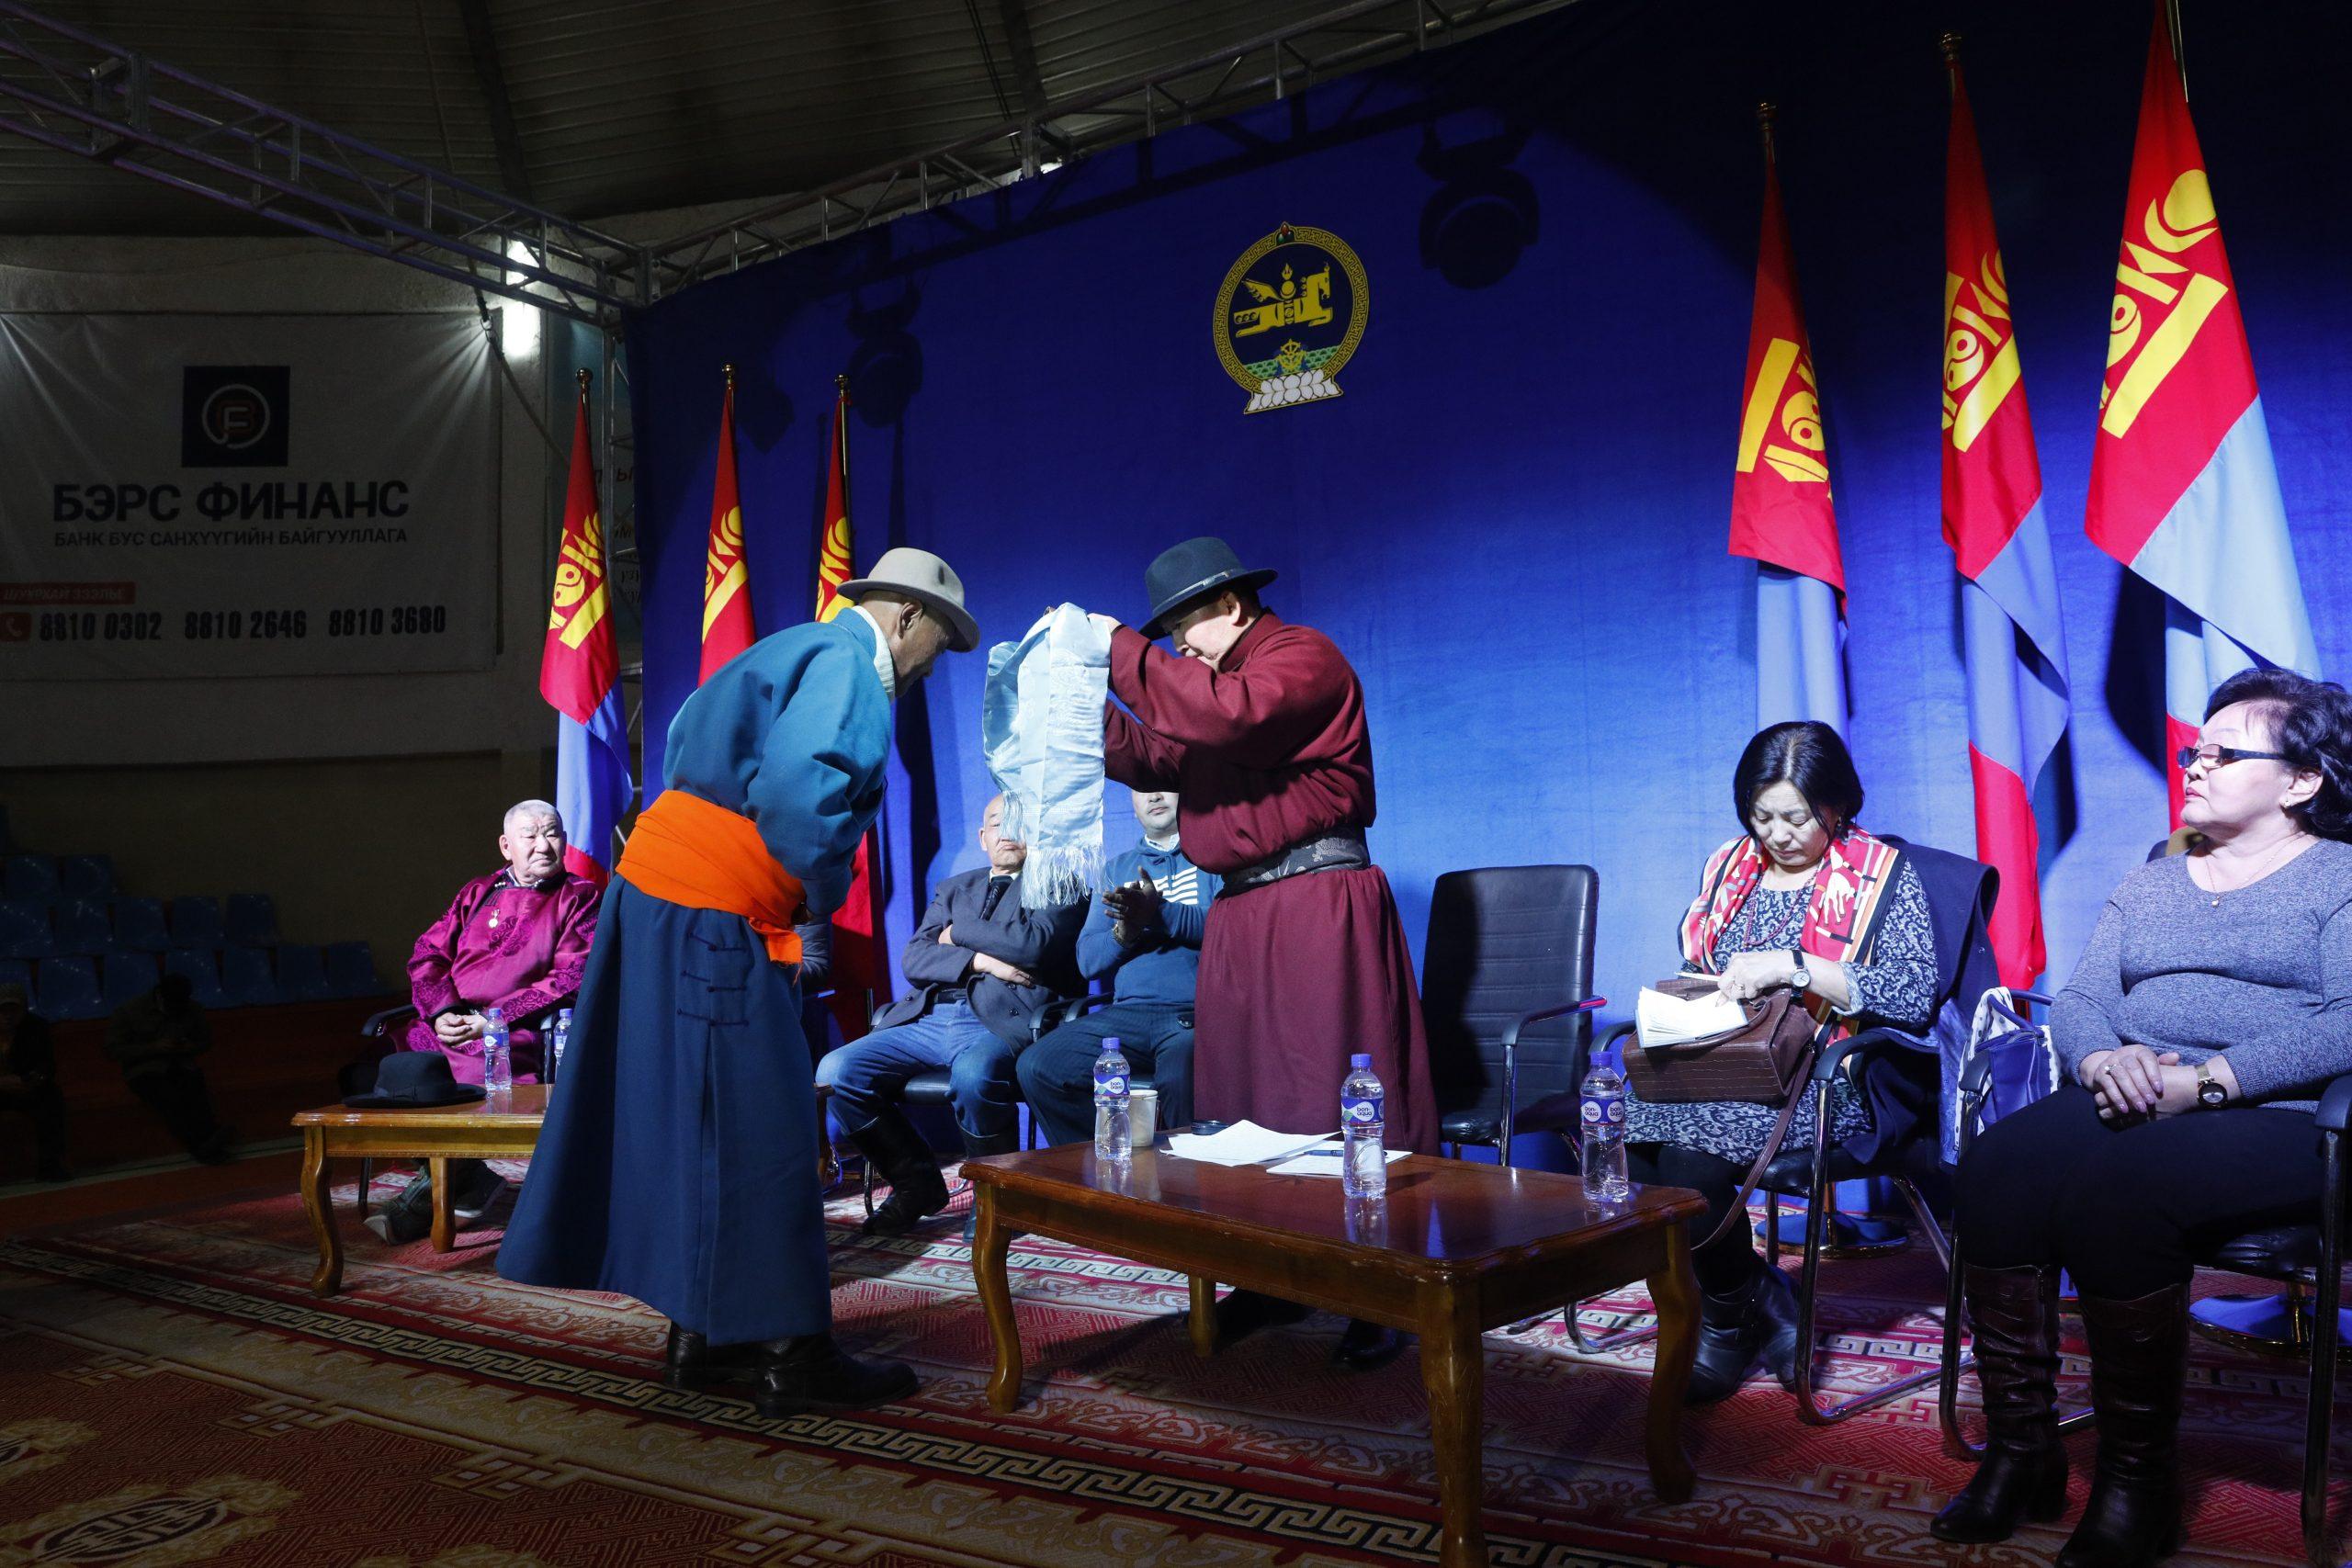 Монгол Улсын Ерөнхийлөгч Х.Баттулга: Аялал жуулчлалыг хөгжүүлэх гэж байгаа бол бодлогоо гаргаж, хөгжүүлсэн шиг хөгжүүлэх хэрэгтэй